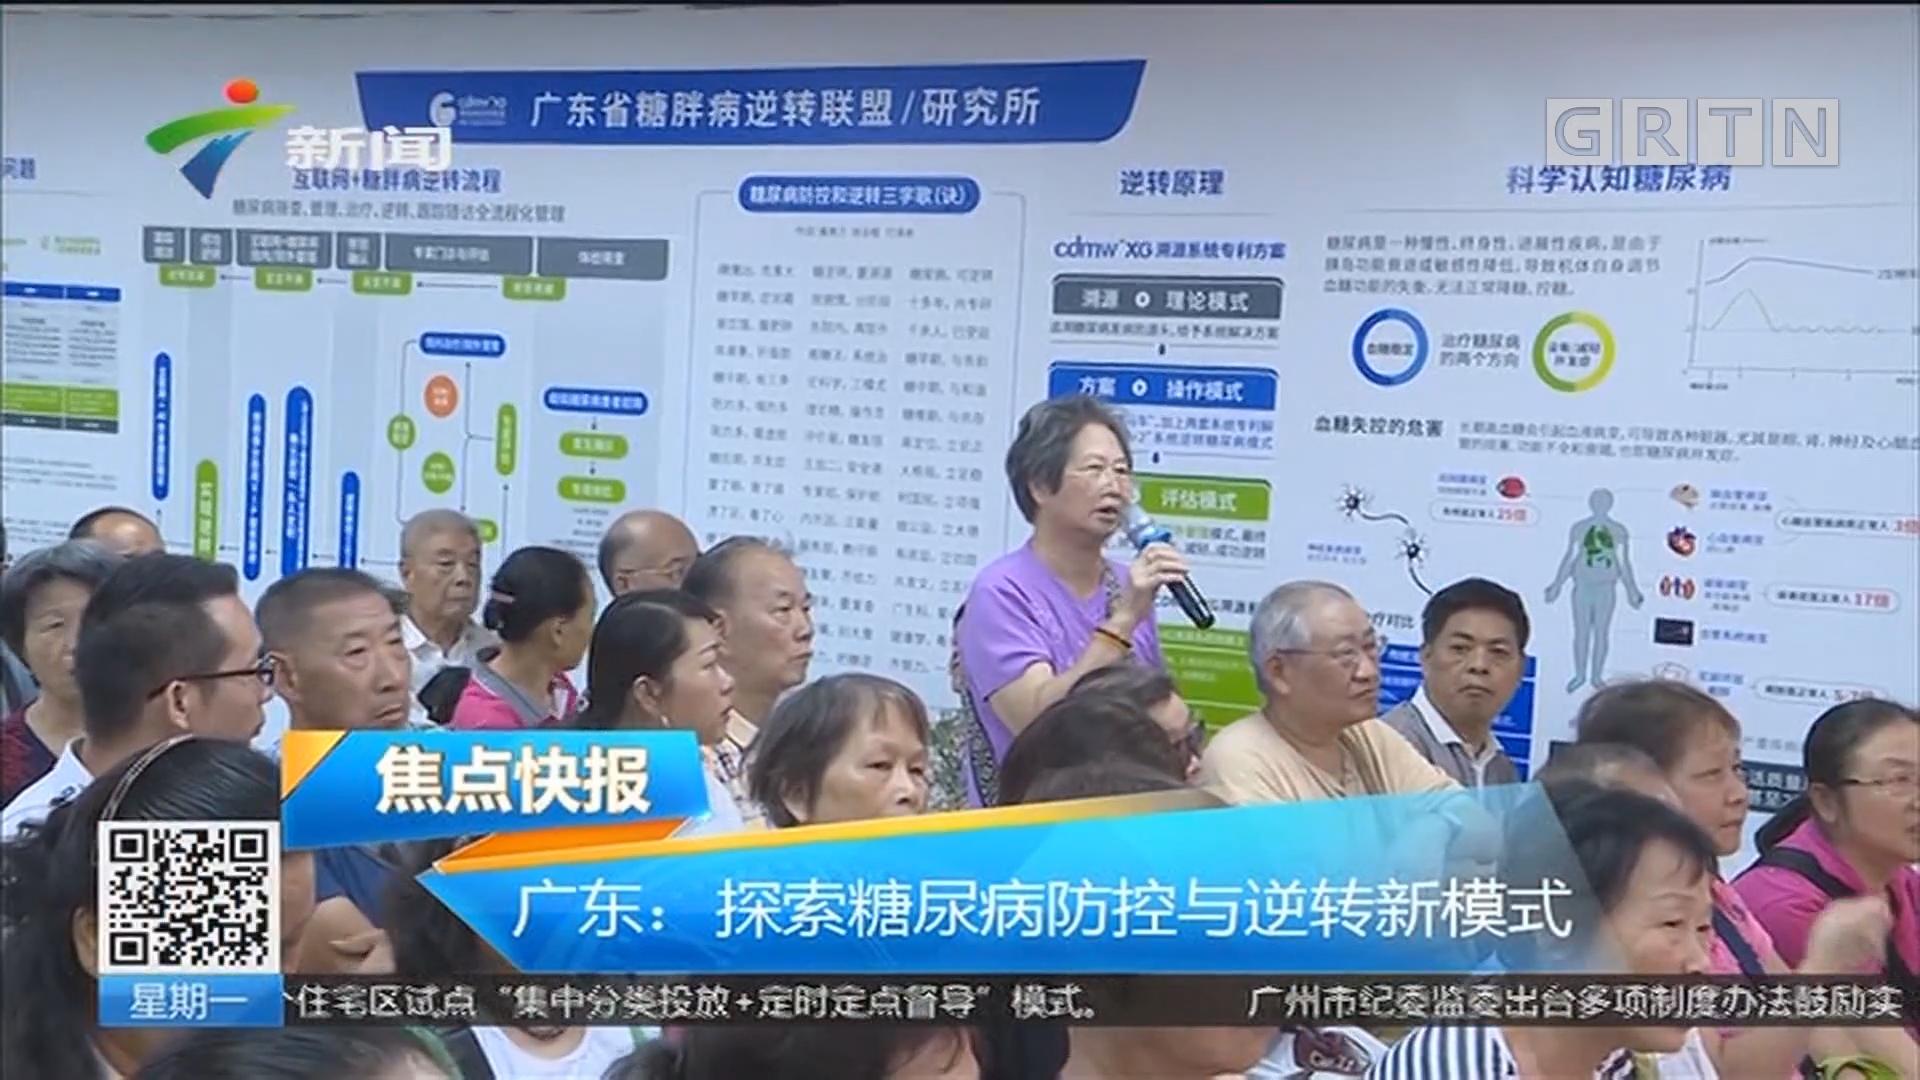 广东:探索糖尿病防控与逆转新模式